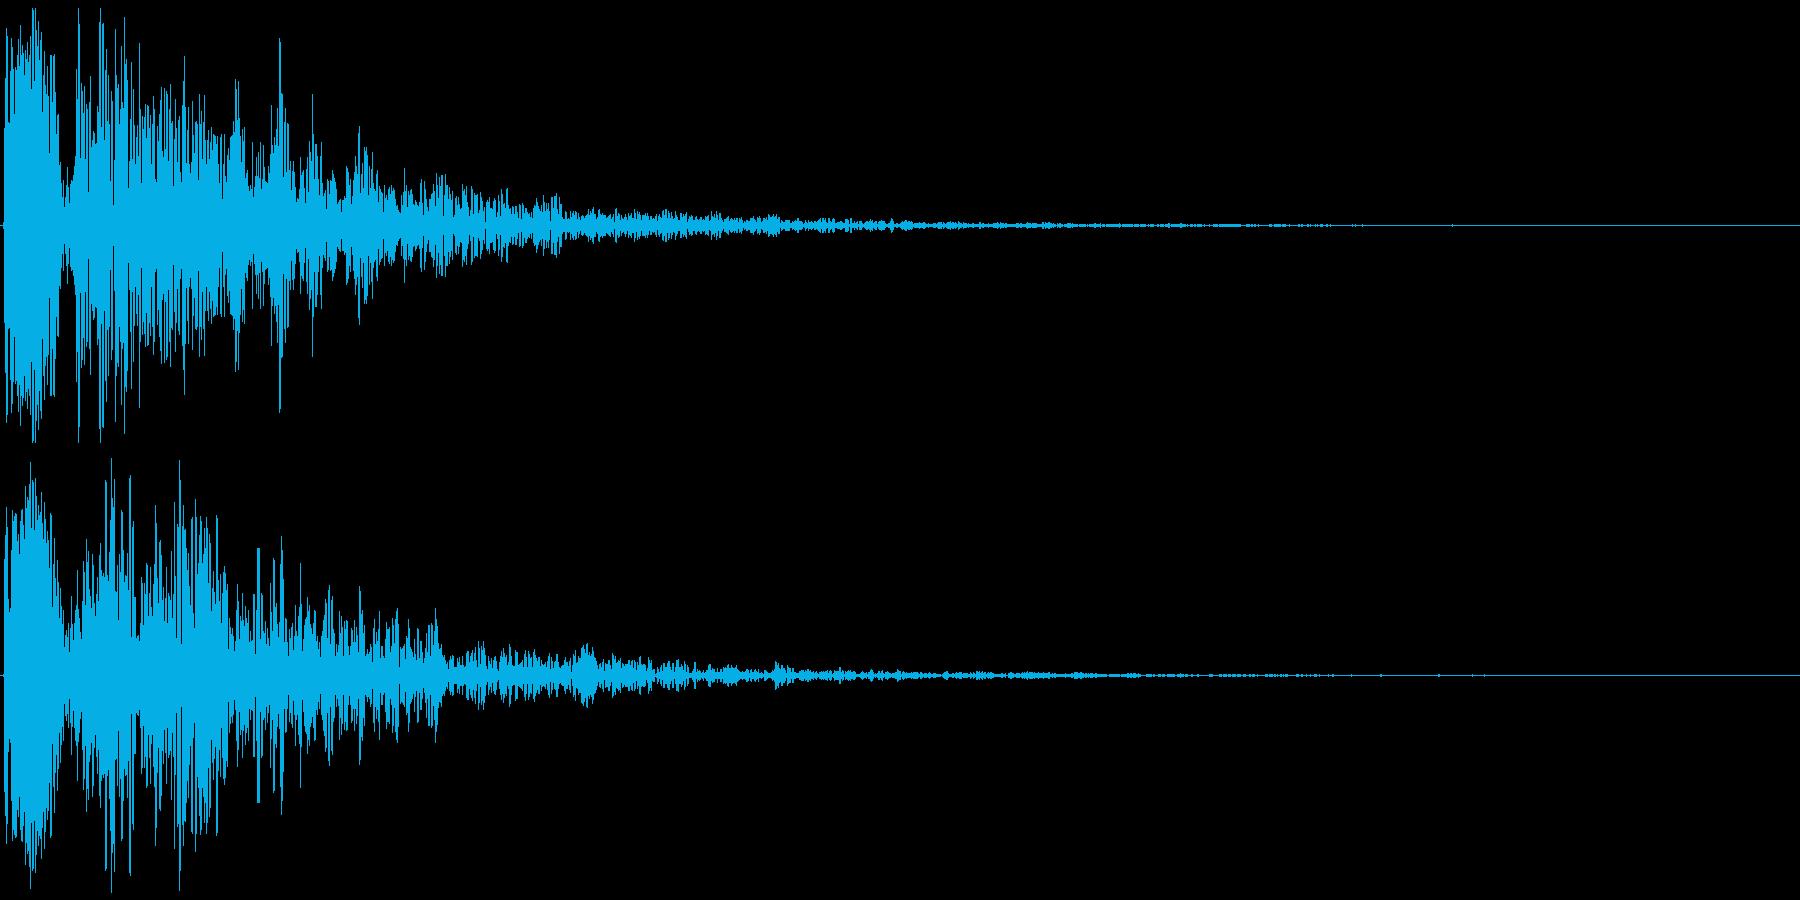 ドゥーン 映画の予告など(インパクト音)の再生済みの波形